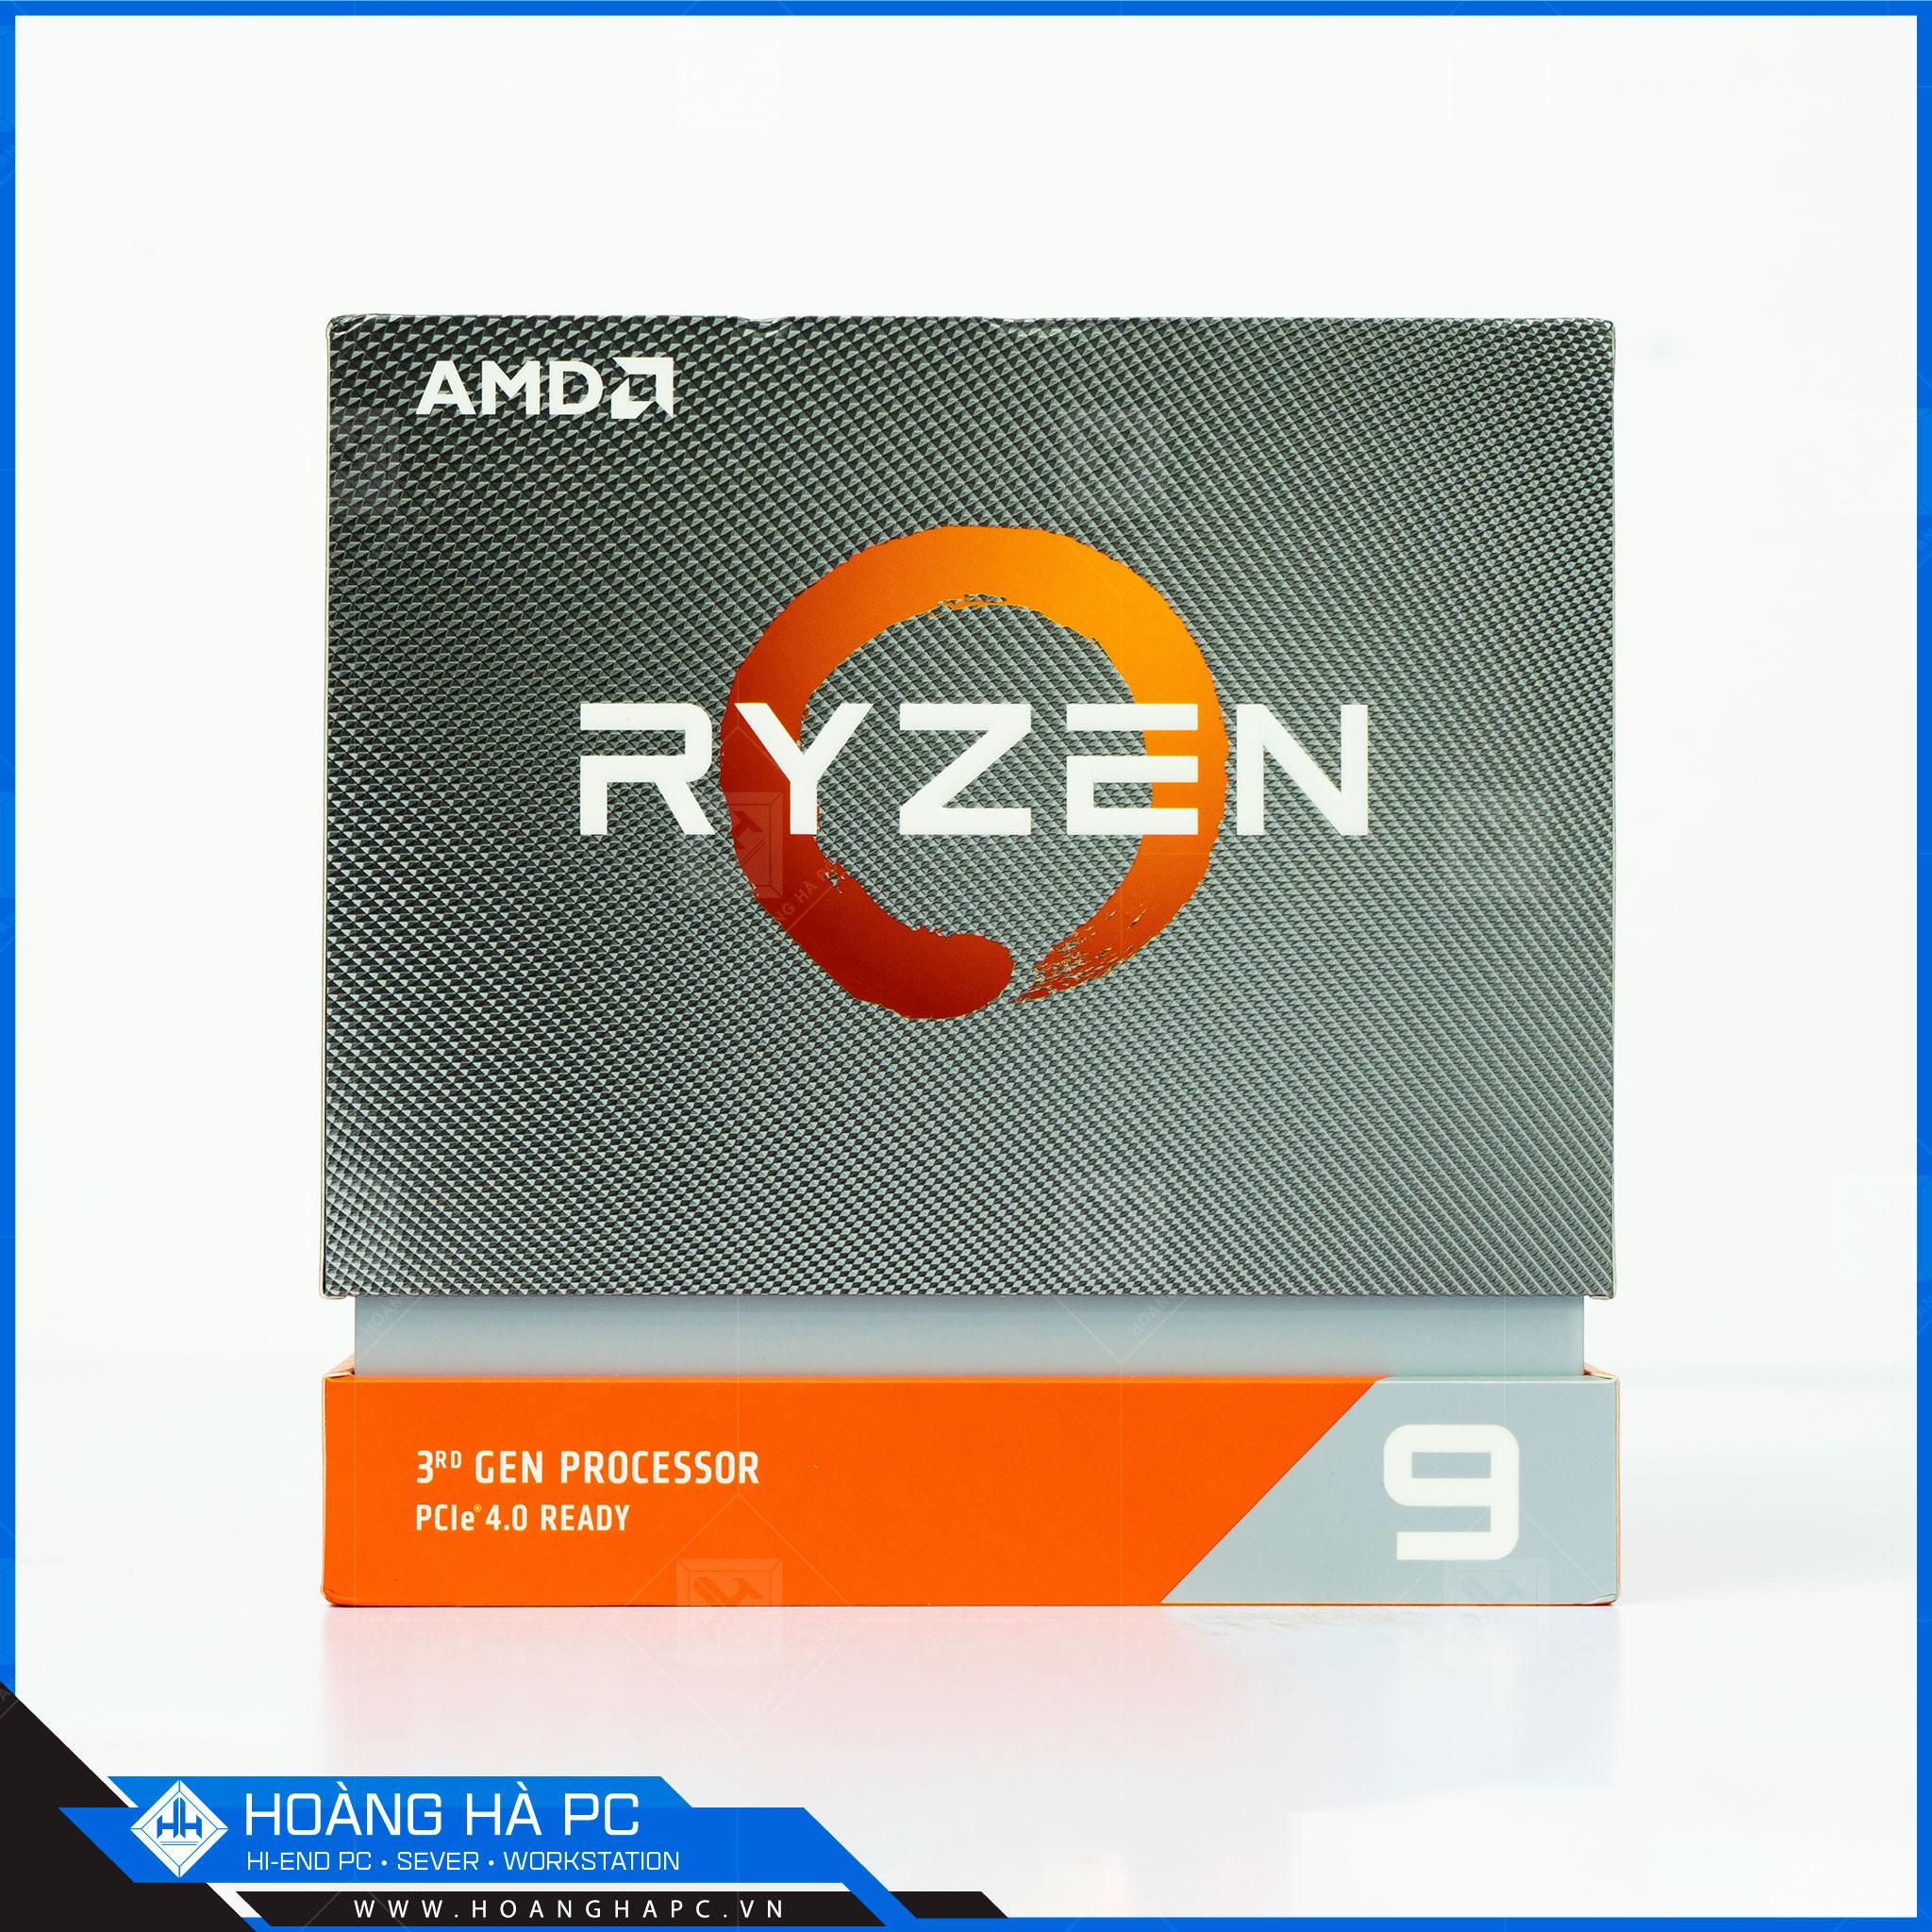 AMD sản xuất chip xử lý và nhiều dòng linh kiện khác, trong đó có card màn hình